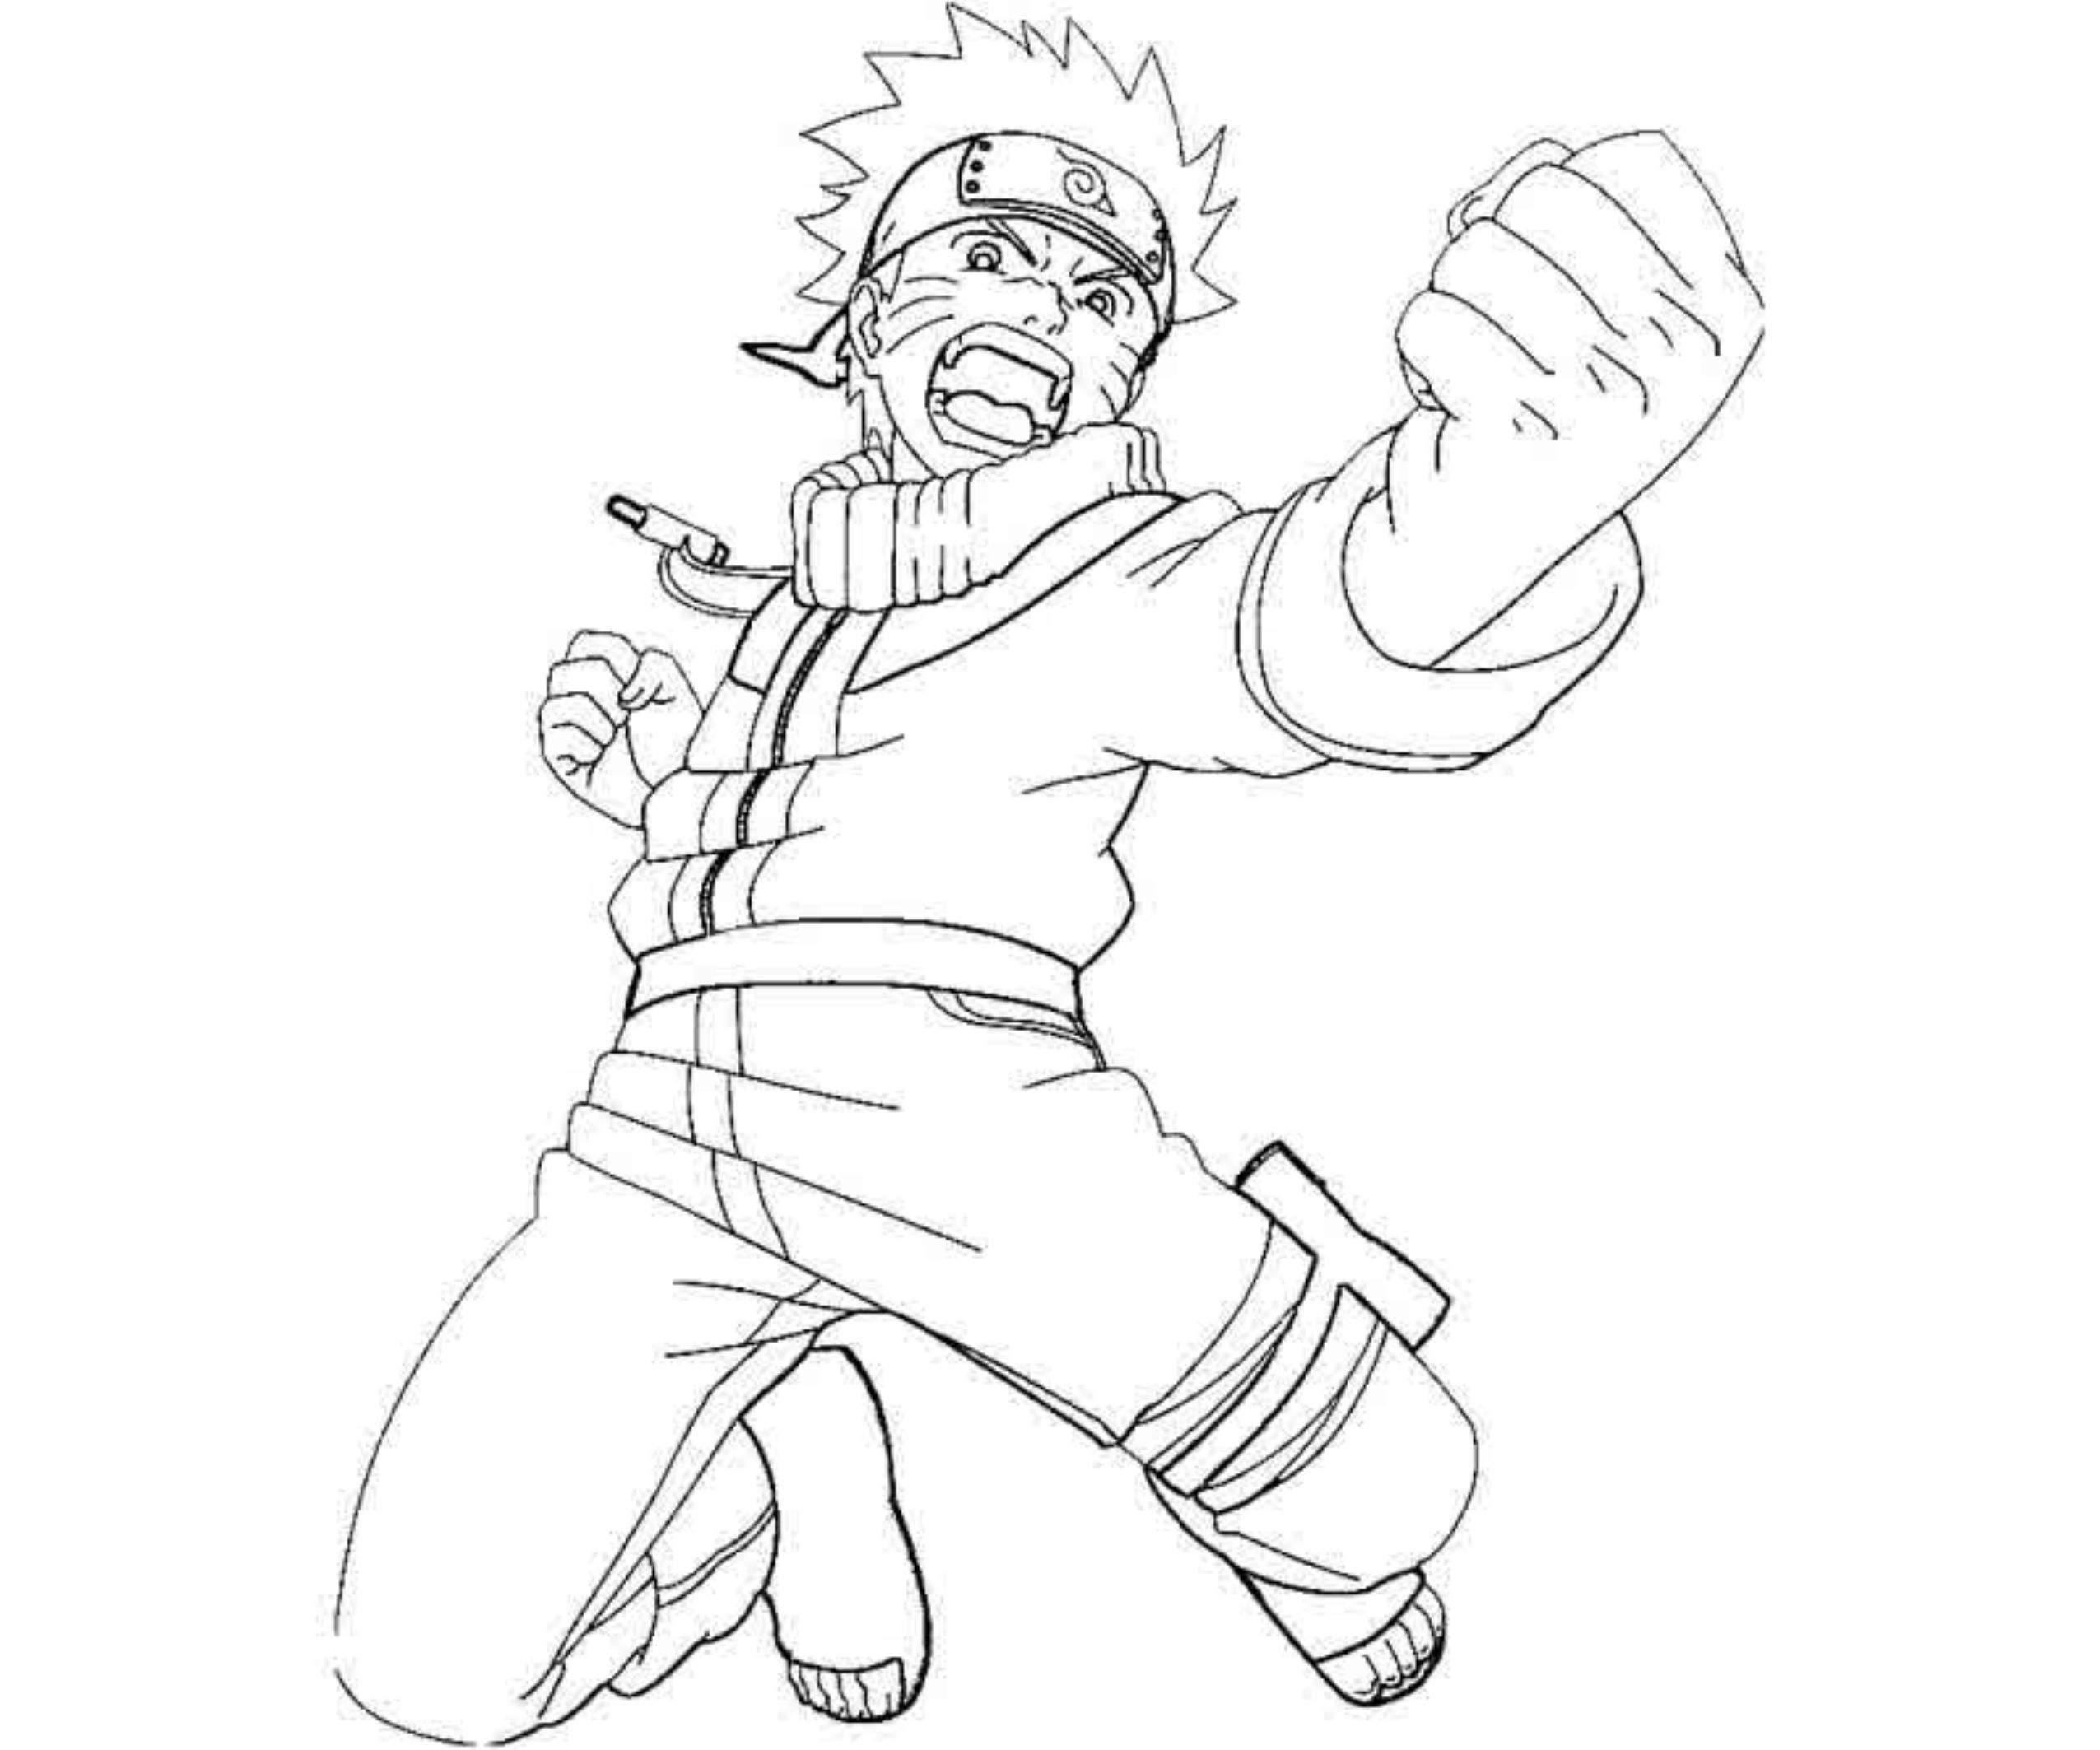 Naruto vs Sasuke anime coloring pages for kids, printable free | 2126x2551